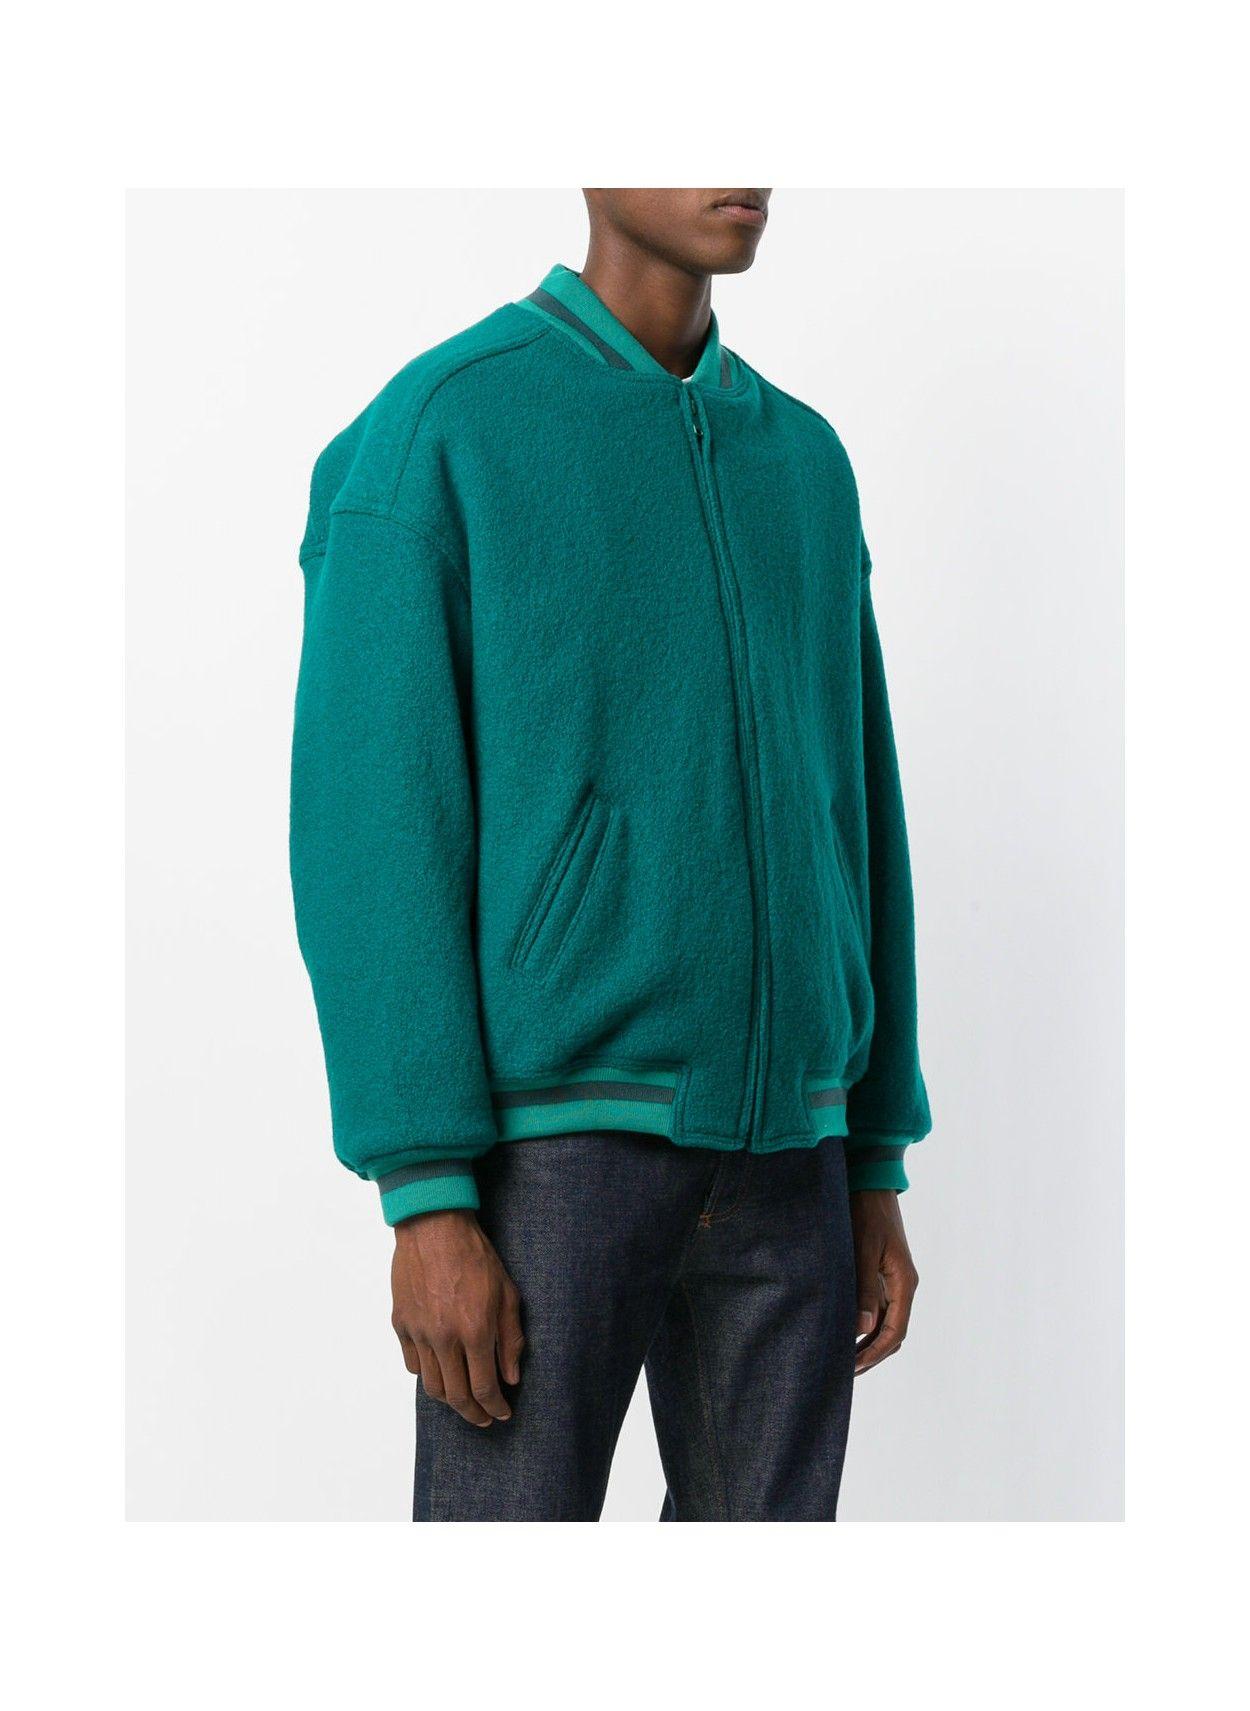 Virgin Wool Classic Bomber Teal Yeezy Season 5 Yeezy Season Yeezy Fitness Fashion [ 1711 x 1250 Pixel ]